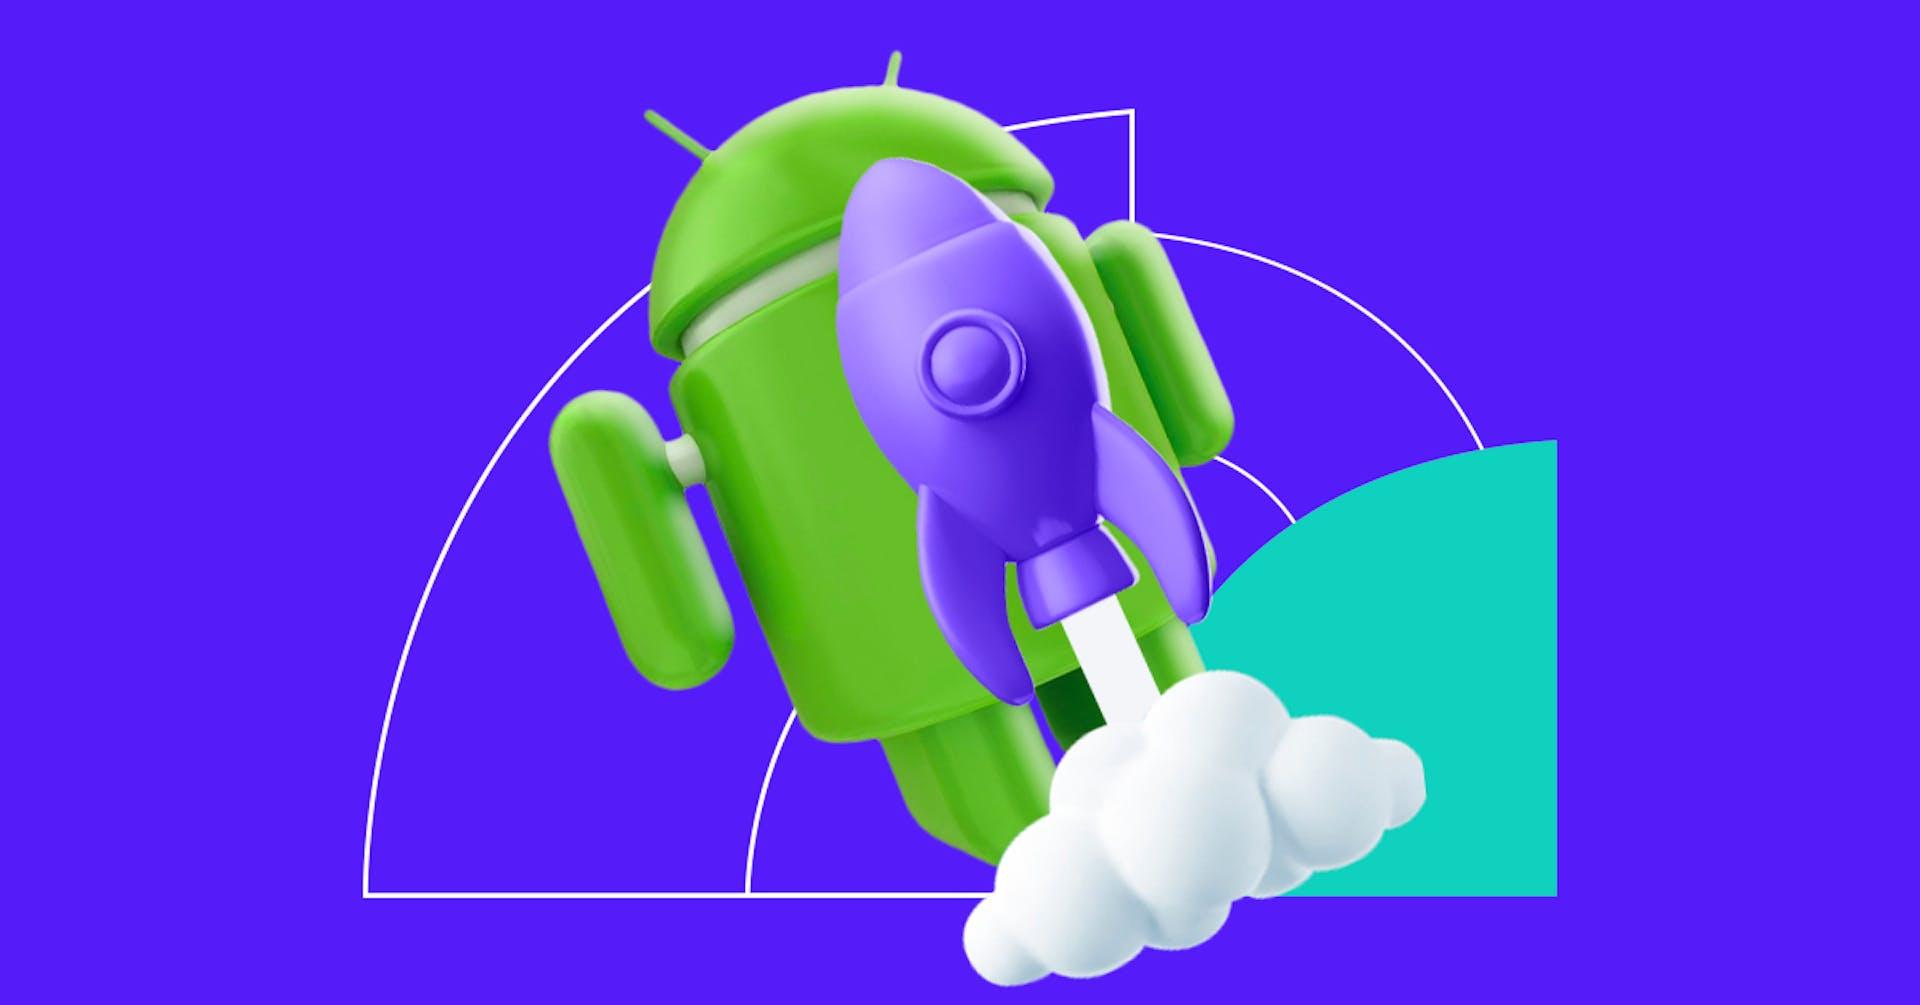 ¿Cómo acelerar tu Android? 6 secretos que los desarrolladores  no quieren que sepas